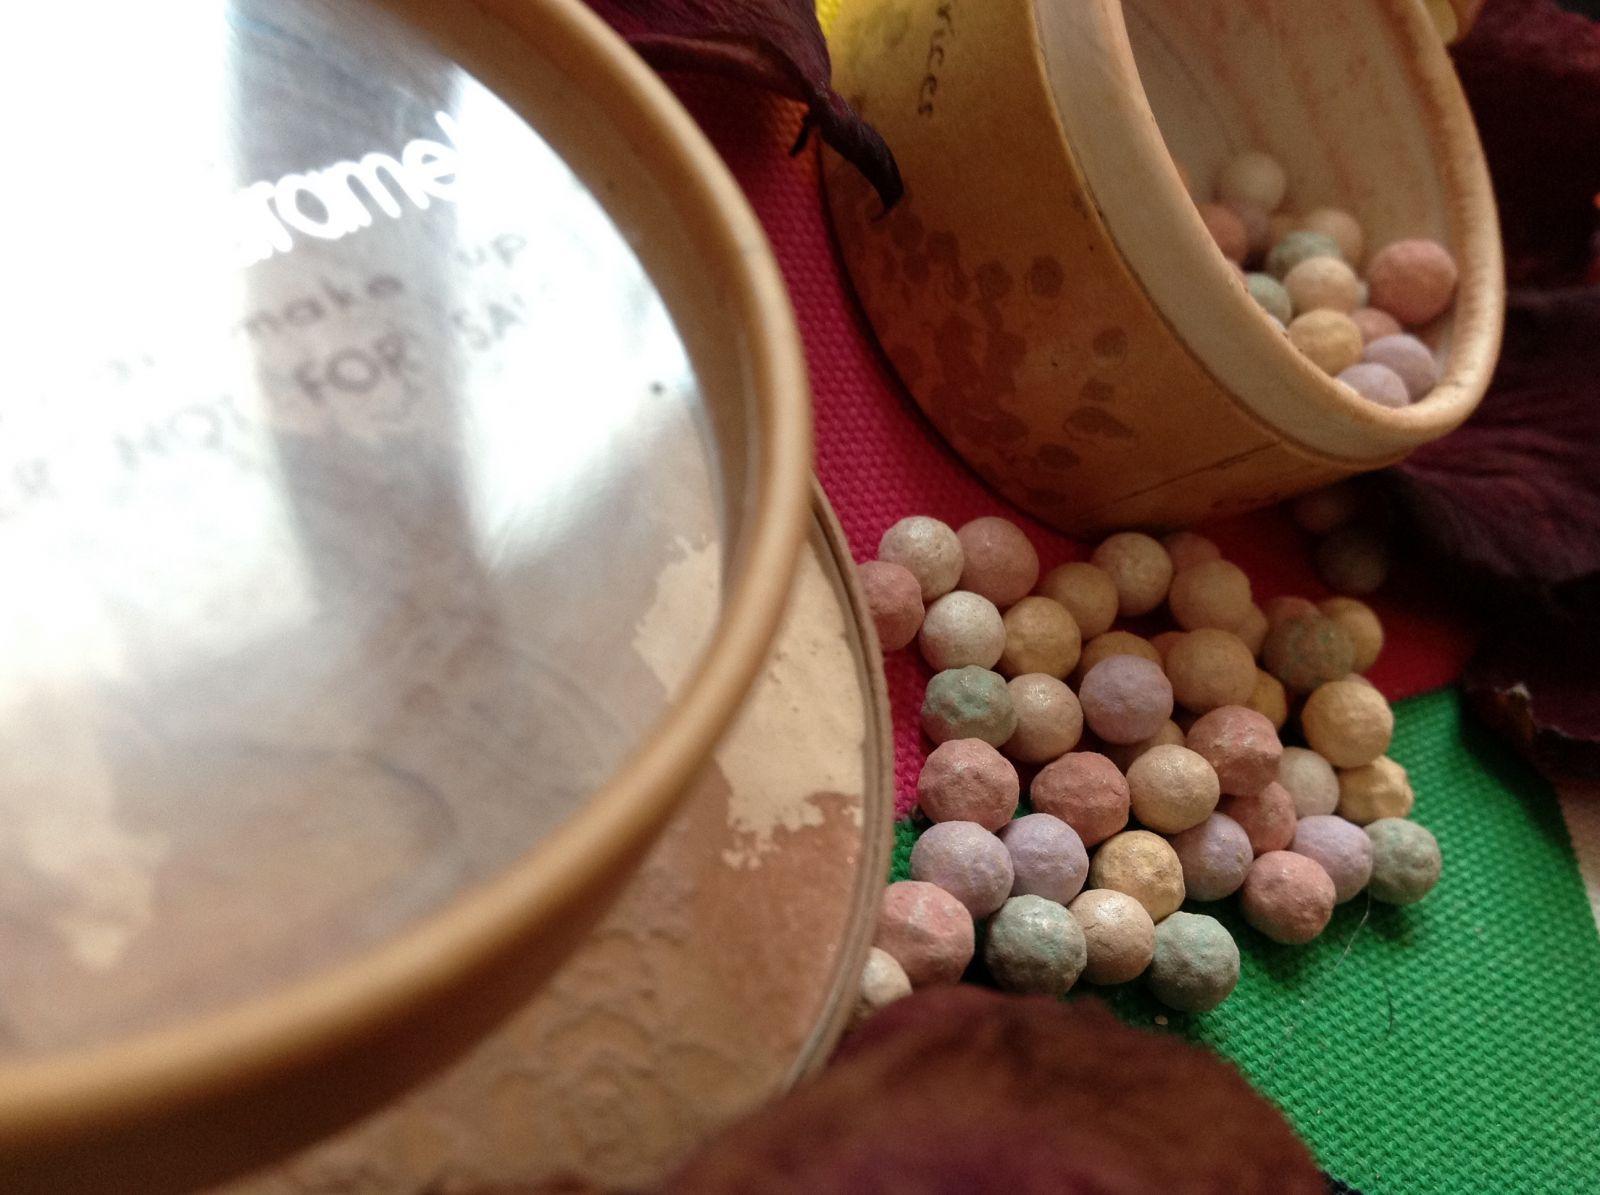 Обзор от редактора: органическая пудра и жемчужные шарики от Couleur Caramel